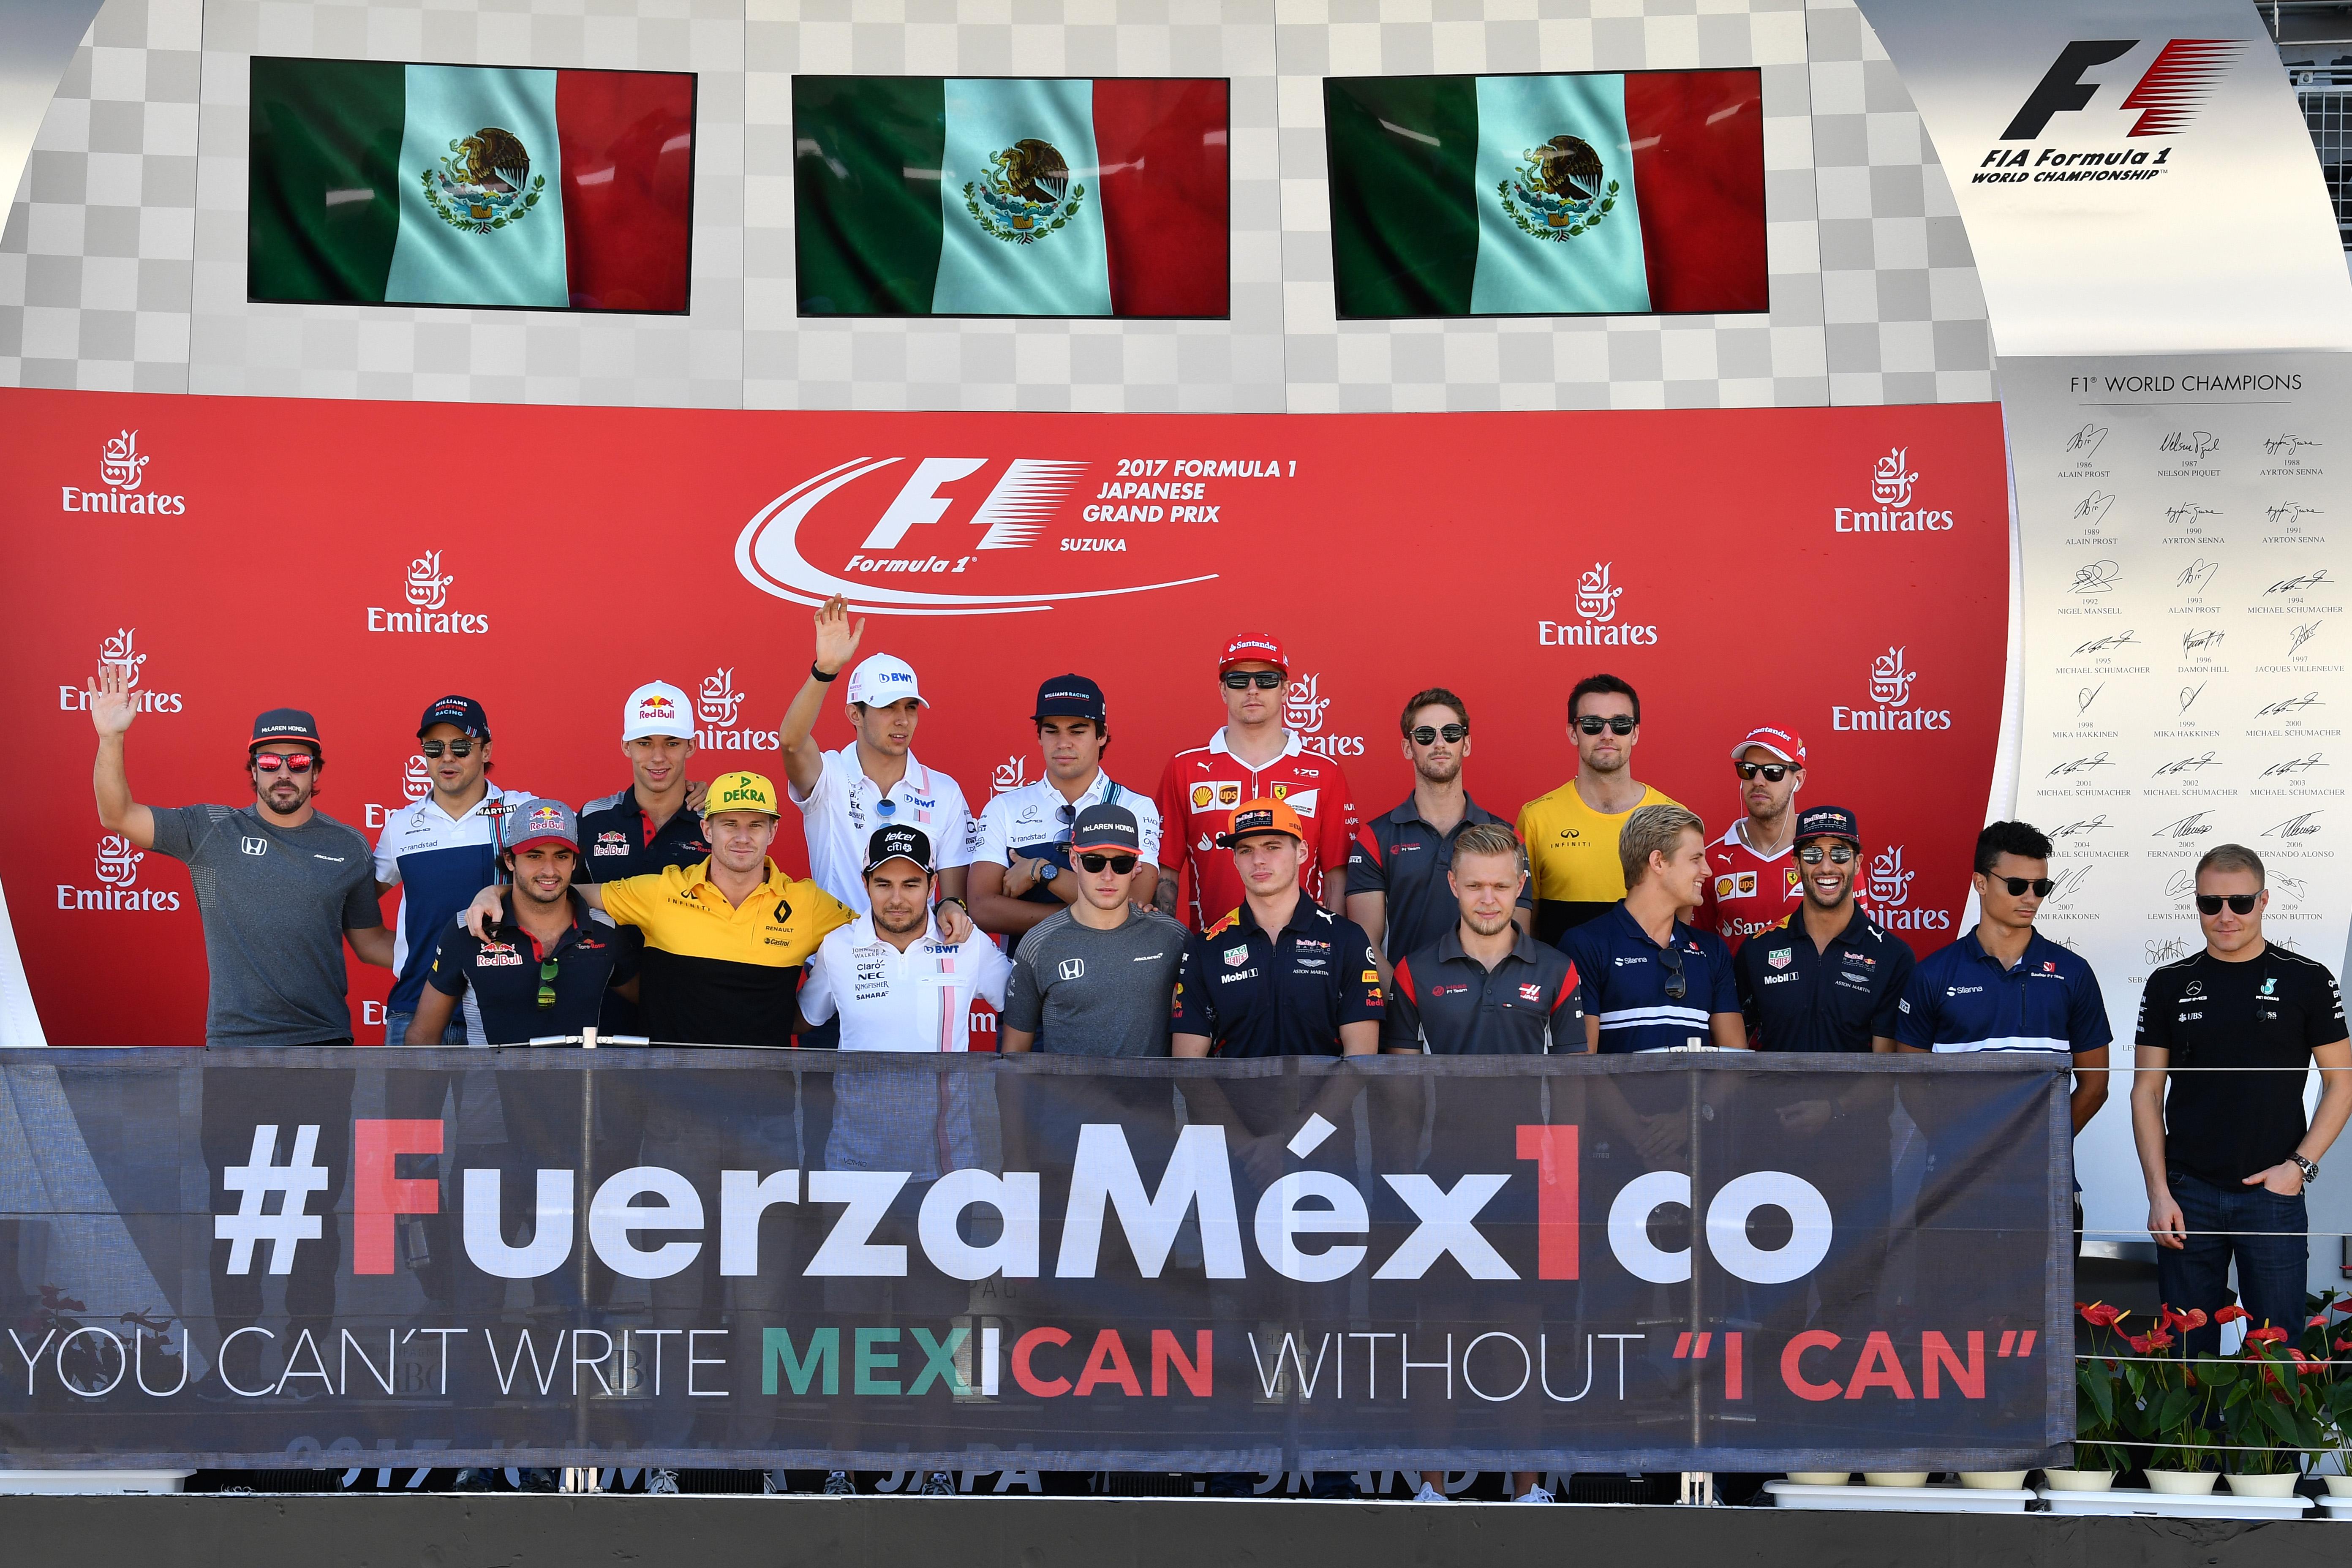 """No puedes escribir mexicano sin el """"YO PUEDO"""""""